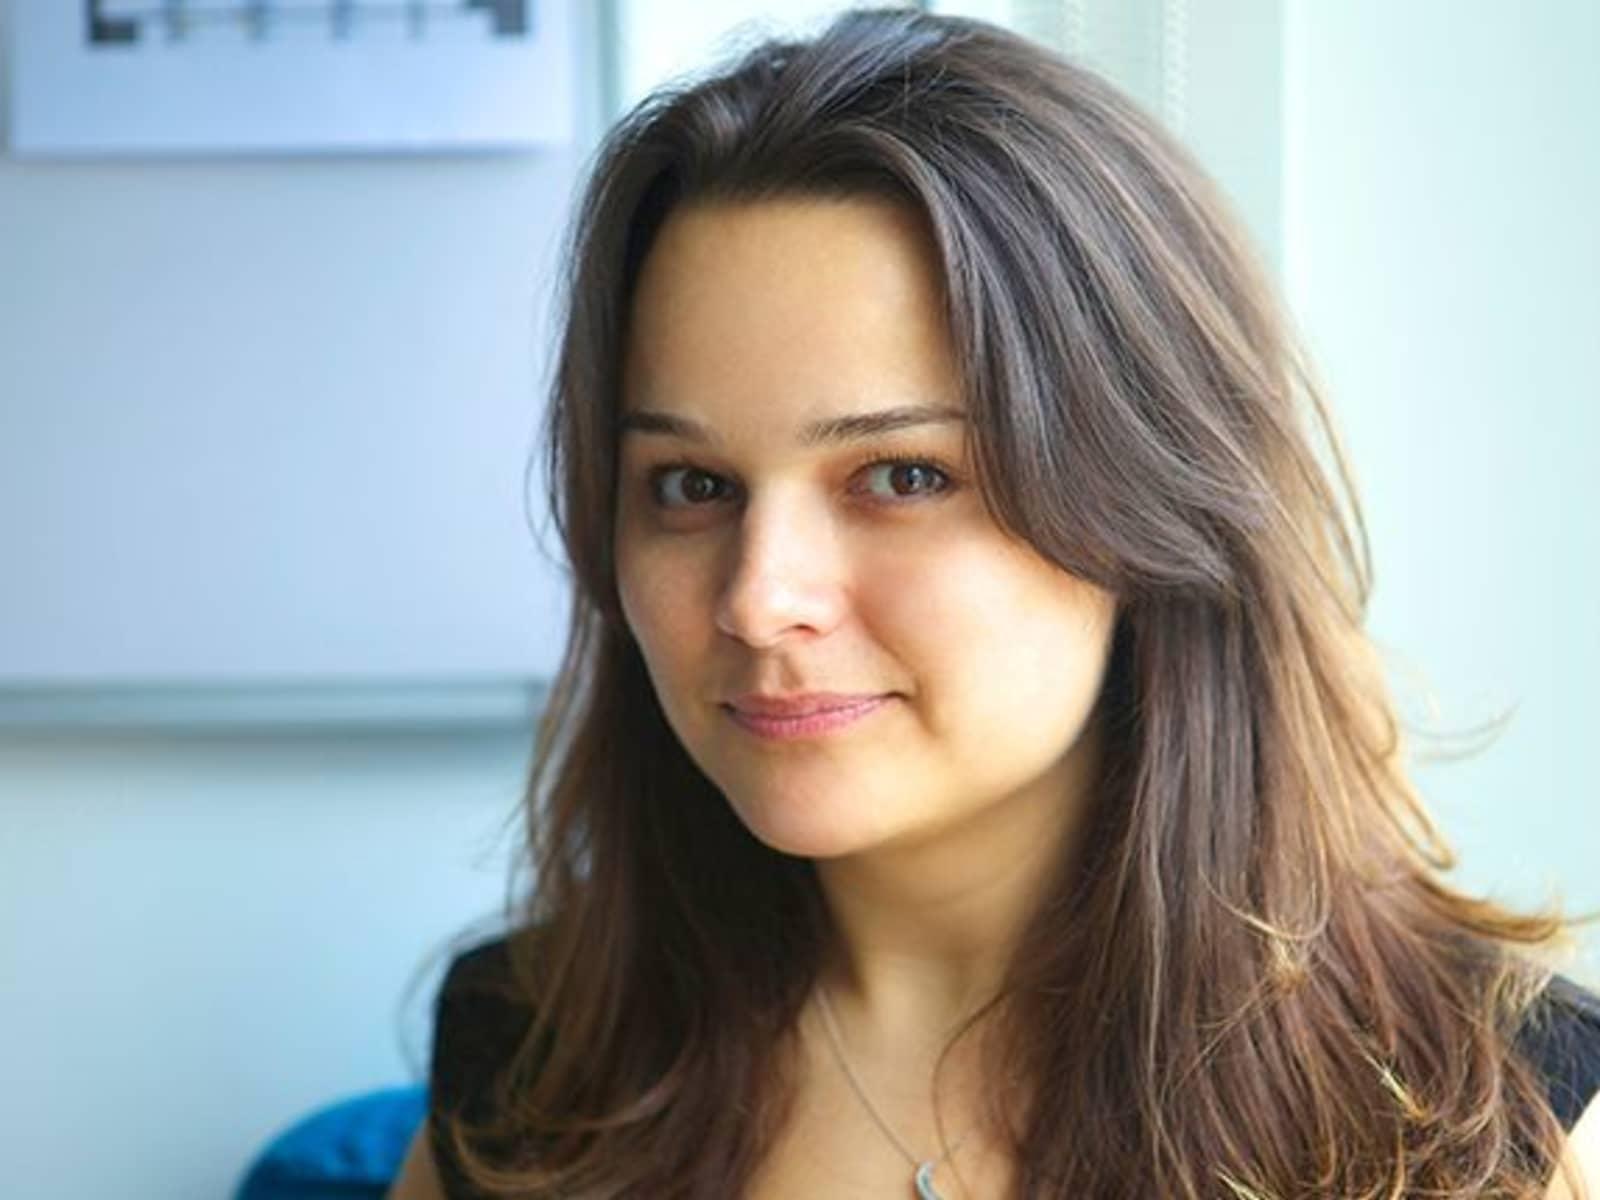 Kathryn from Dubai International Financial Centre, United Arab Emirates